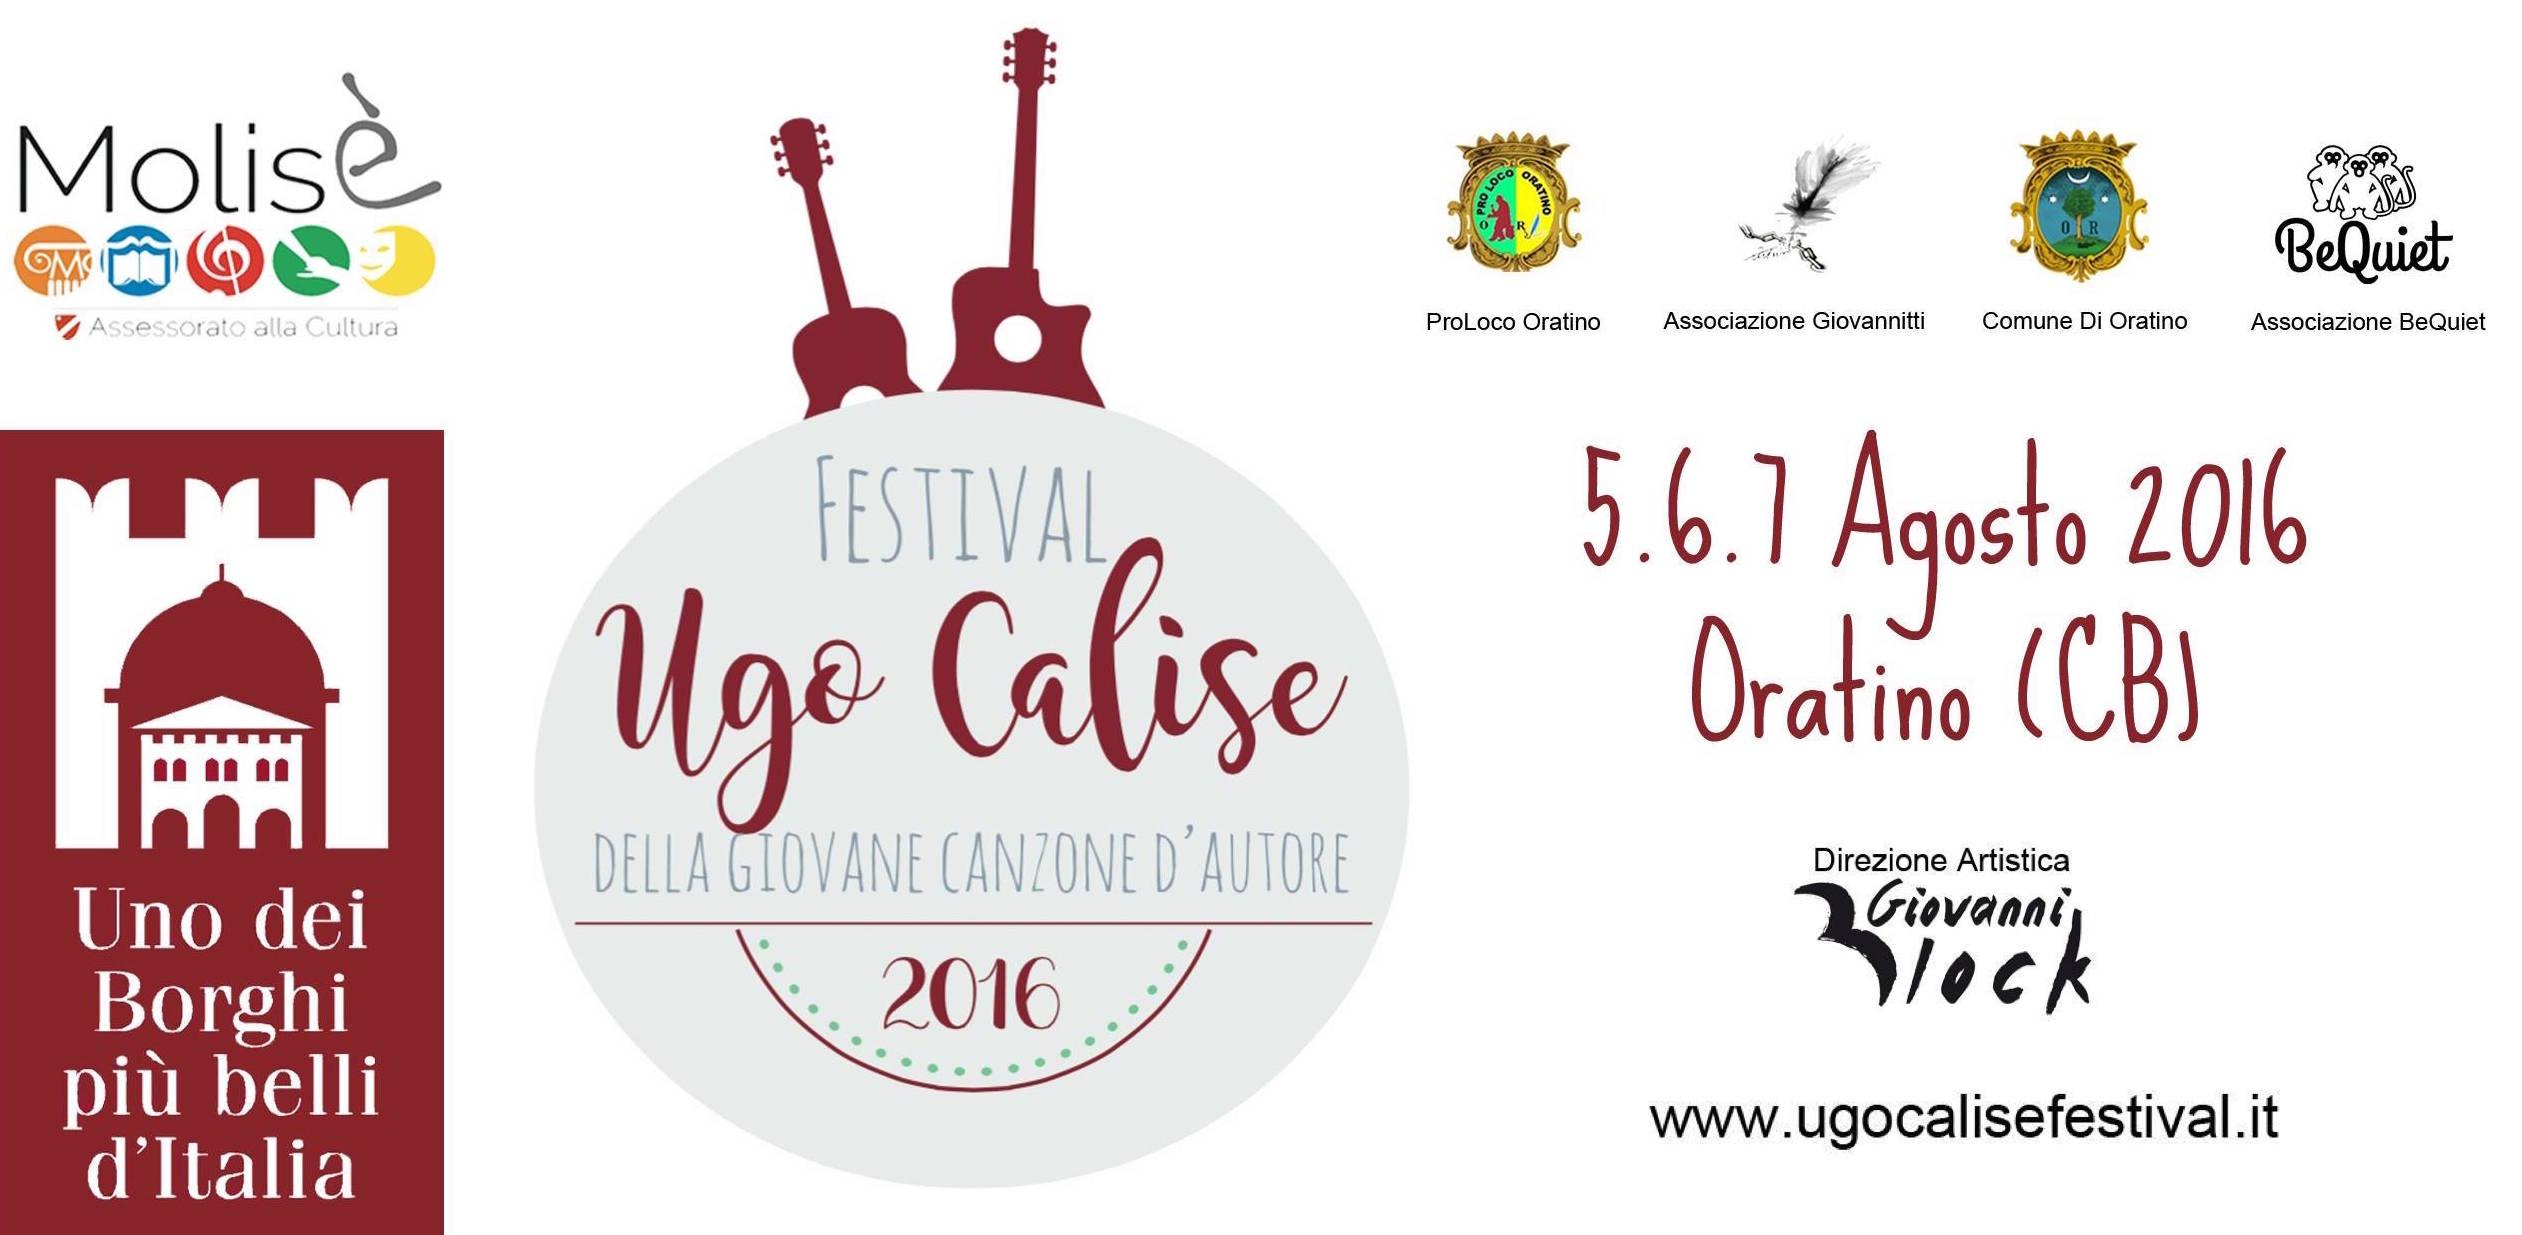 2016.07.28 Il futuro della giovane canzone cantautoriale alla prova del Festival Ugo Calise